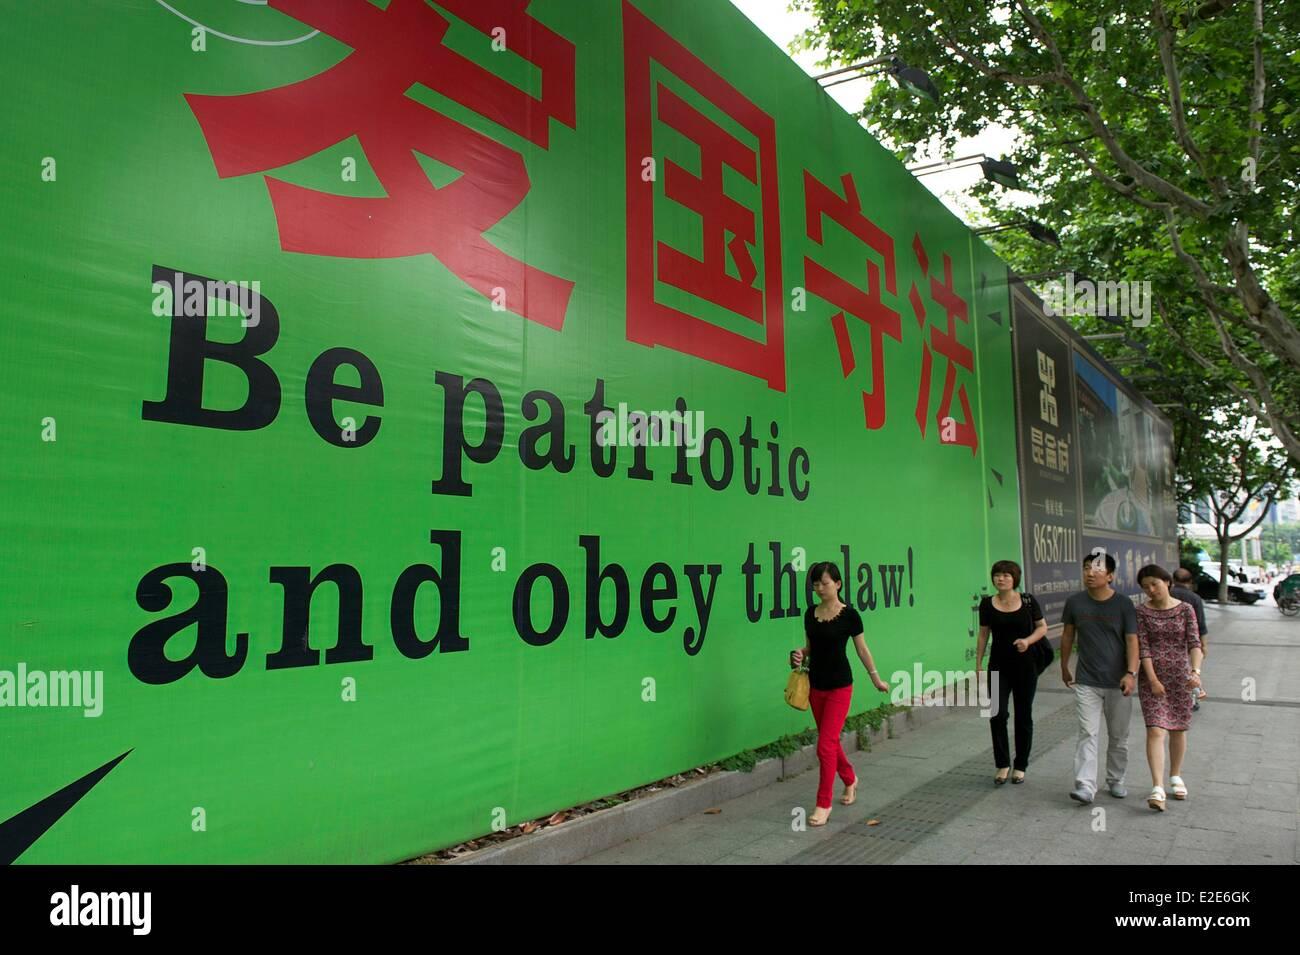 China, Zhejiang province, Hangzhou, propaganda Stock Photo